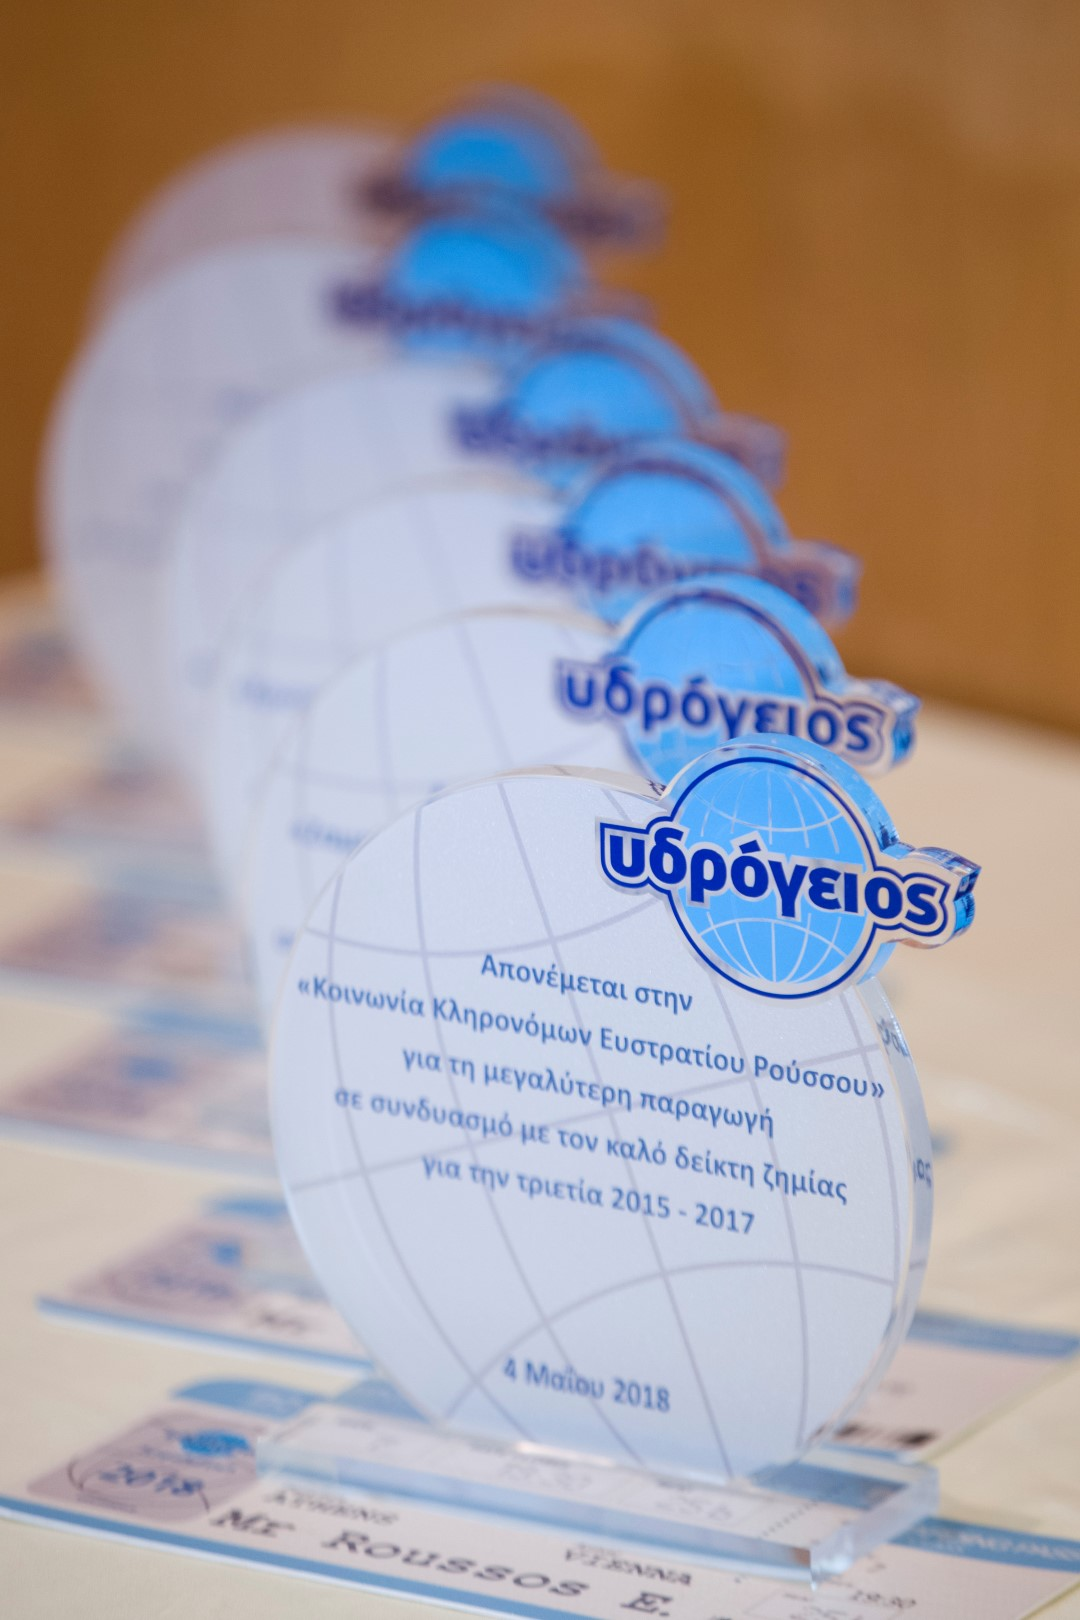 Βραβεύσεις Συνεργατών Υδρογείου